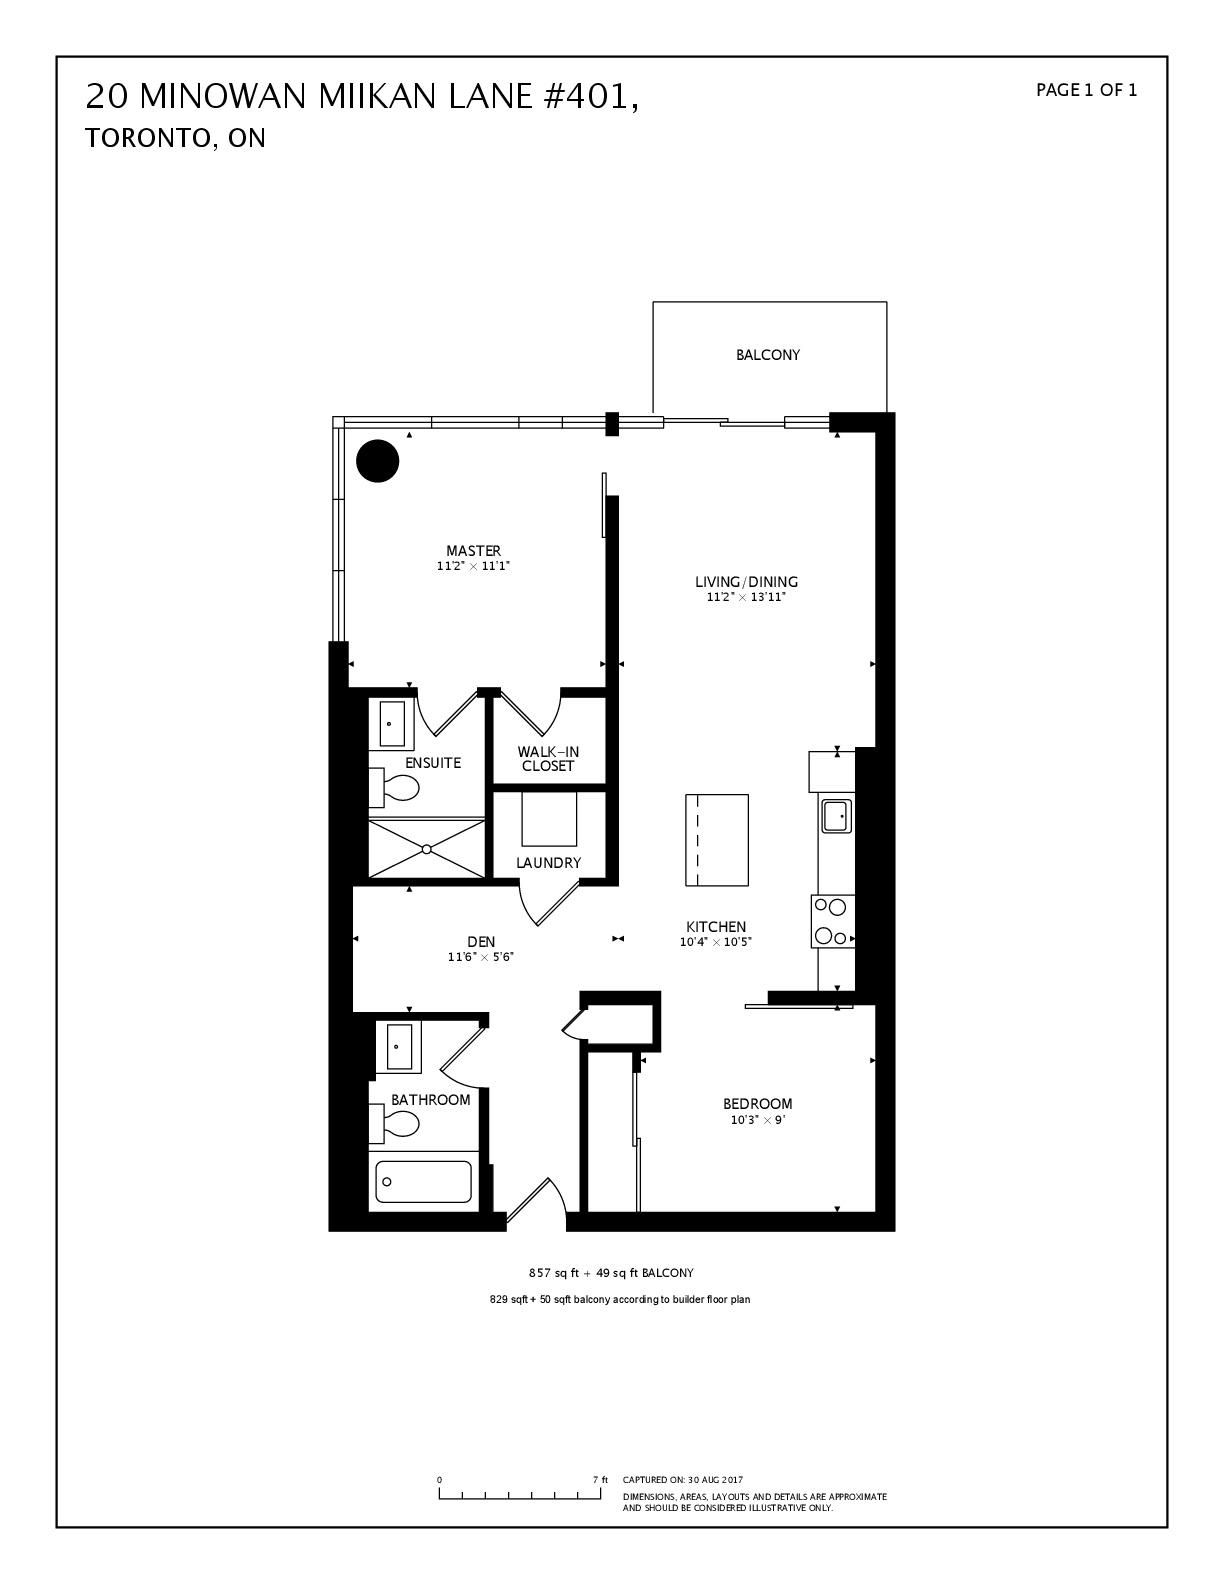 Floor Plan - 20 Minowan Miikan Lane Toursler-001 (1).jpg